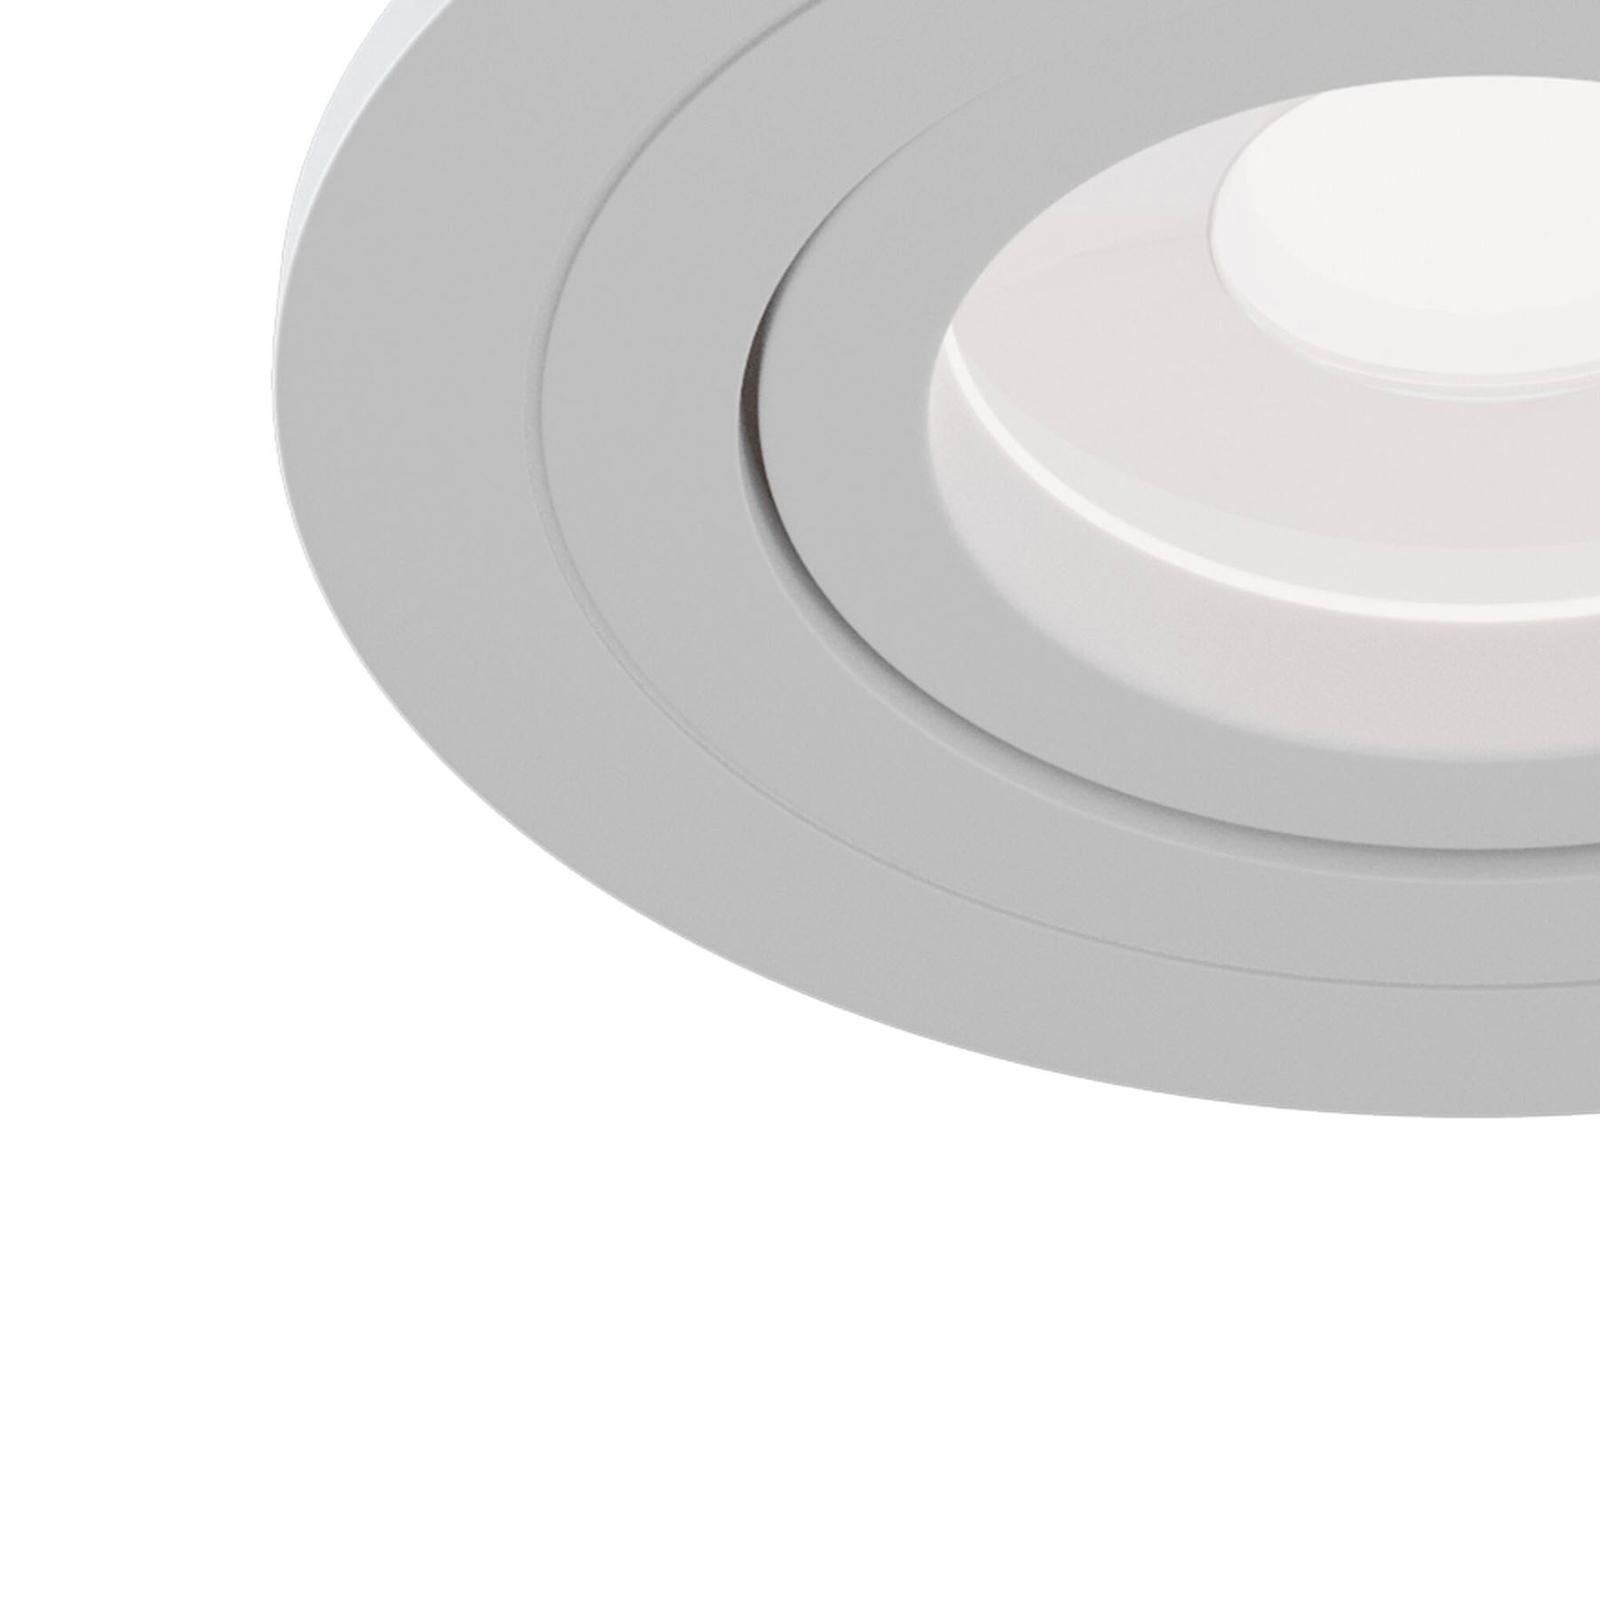 Uppokohdevalo Atom, valkoinen, pyöreä